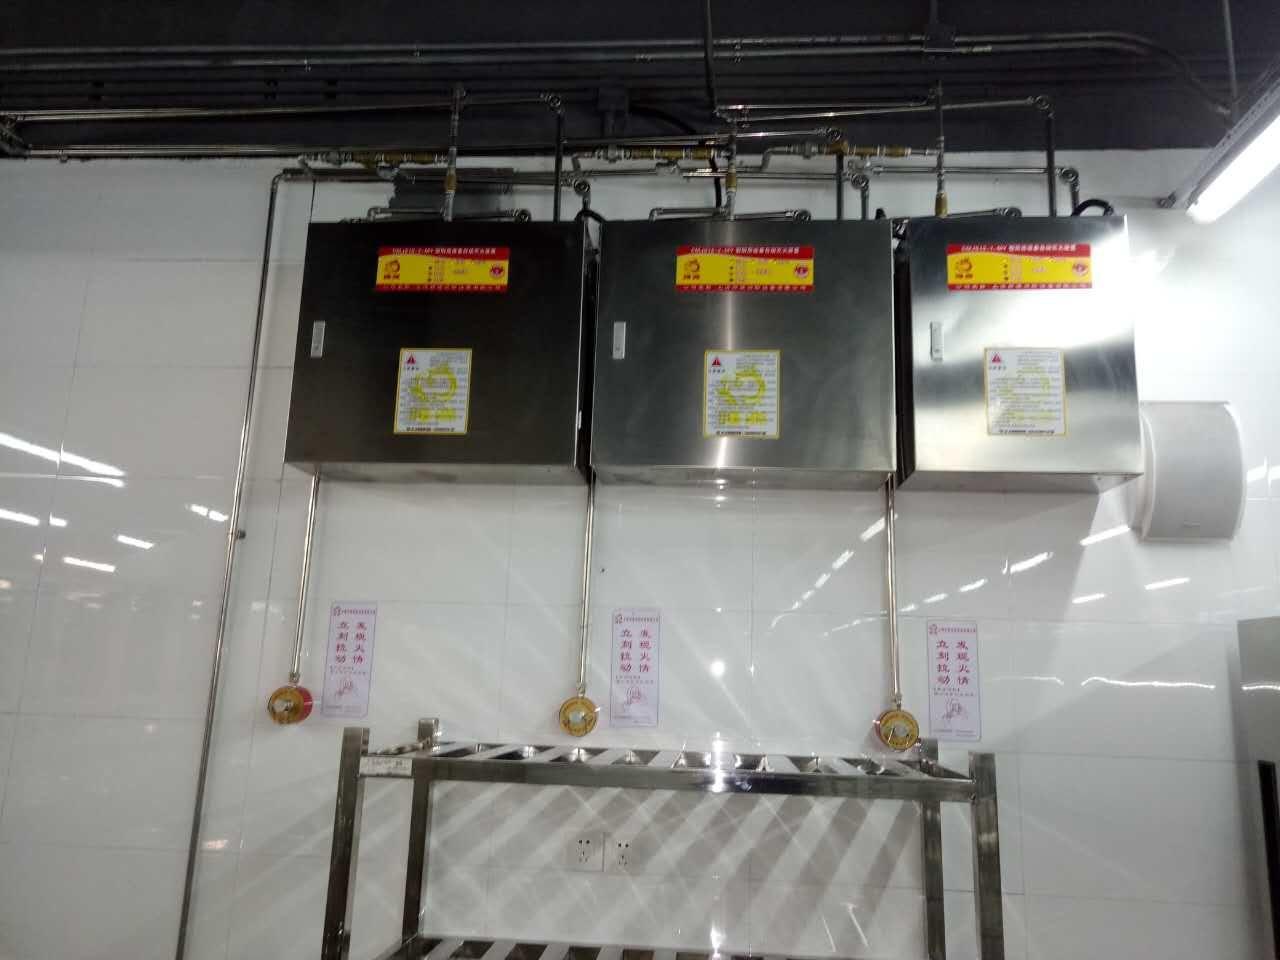 石家庄通用厨房灭火系统厂商,厨房灭火系统